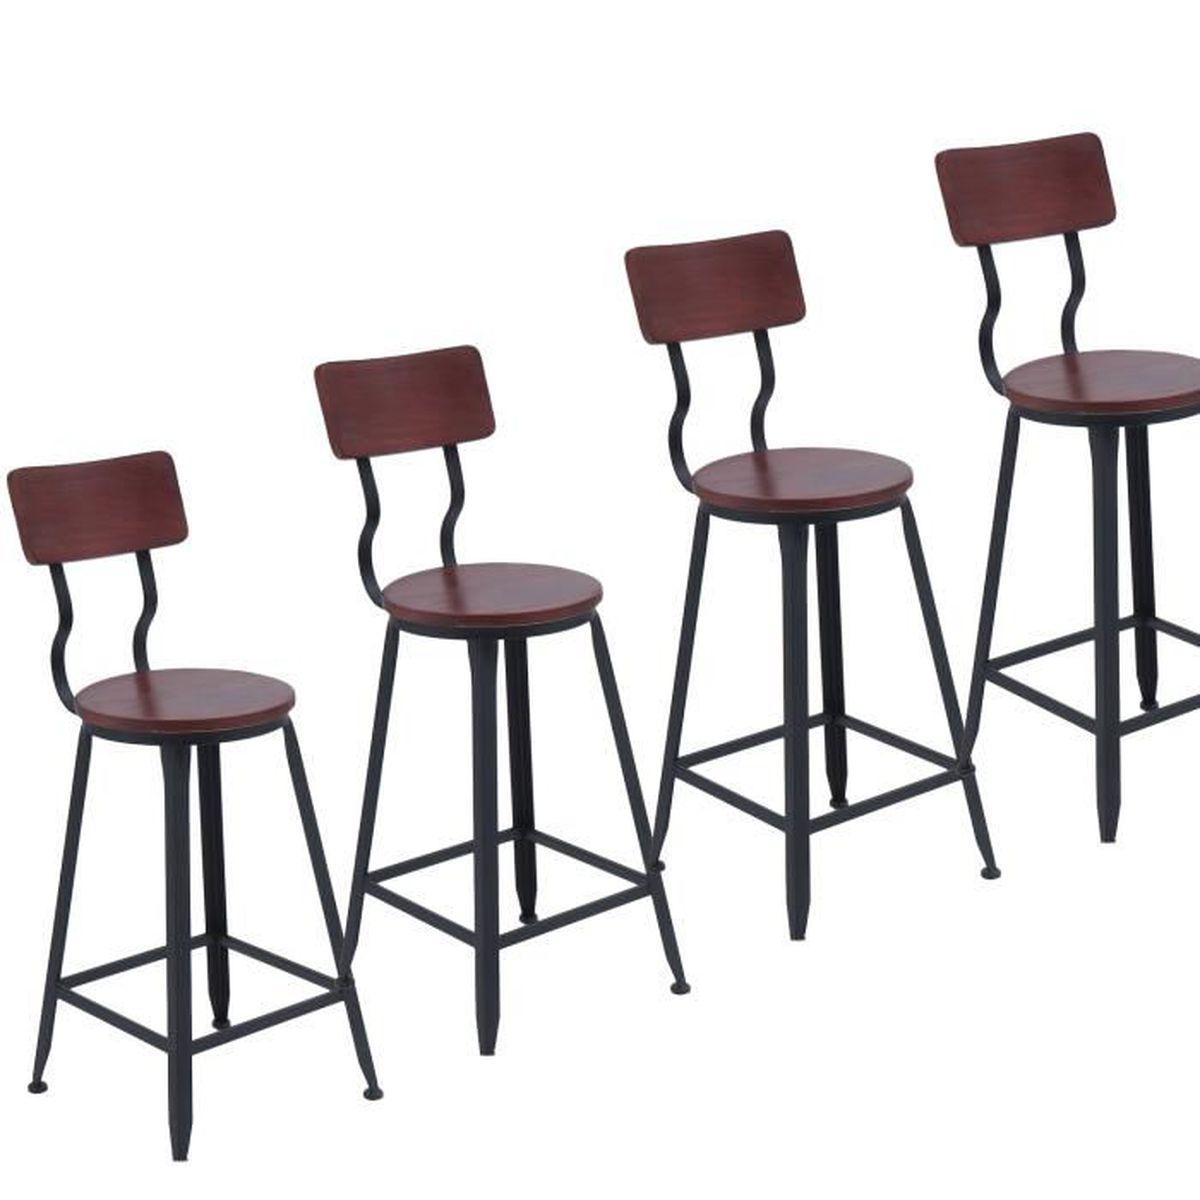 Chaises bar de de 4 style de de Lot bar industrieltabouret TFlKJ1c3